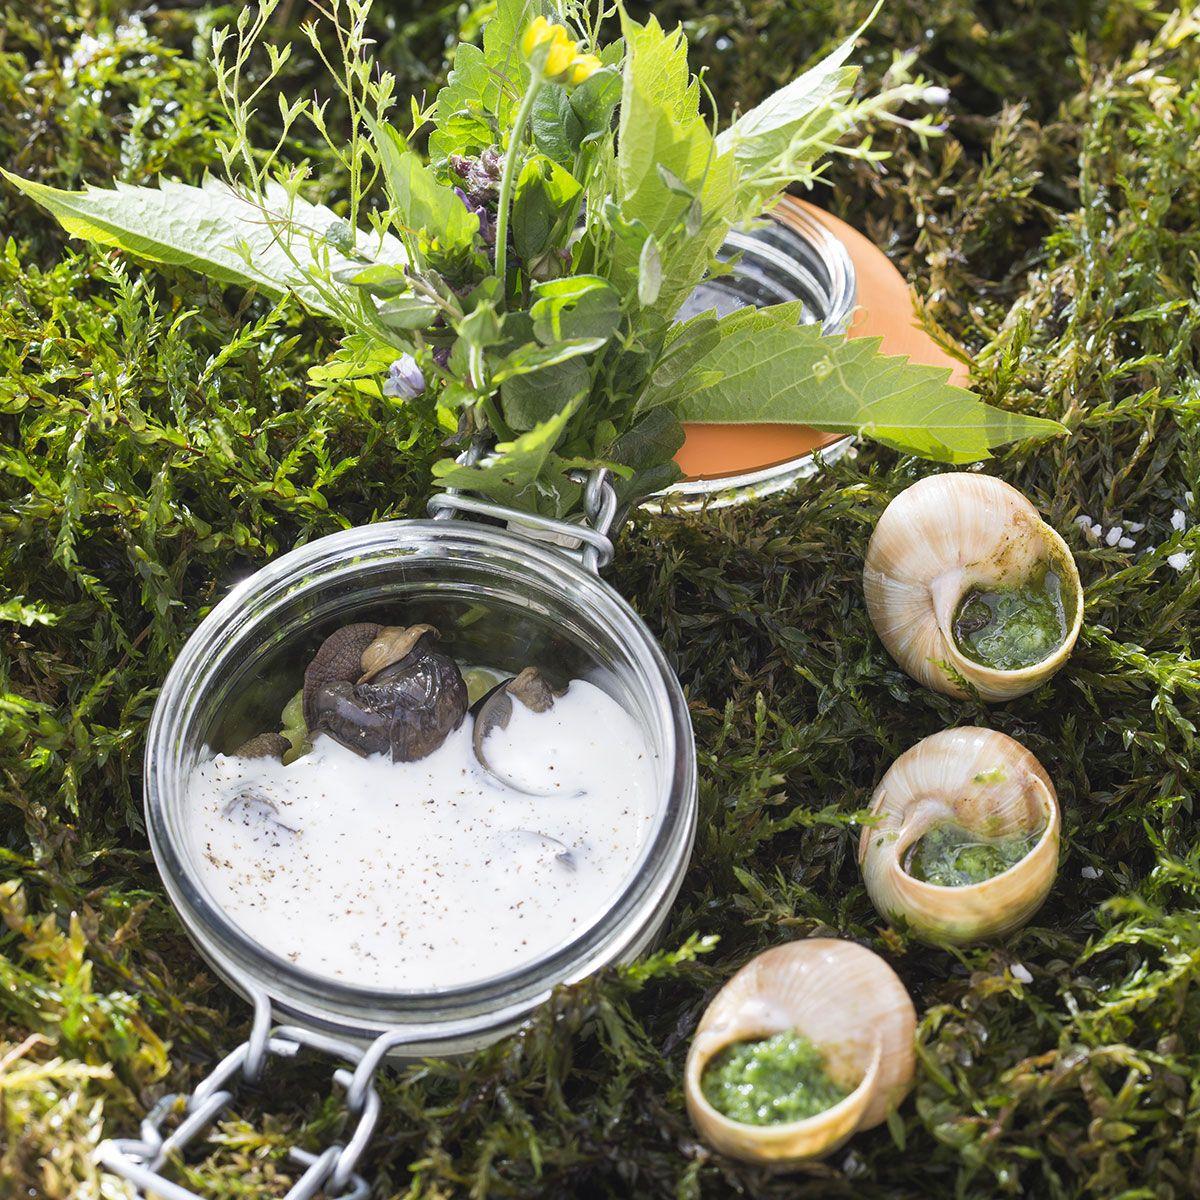 escargots de bourgogne en coquille en cocotte d orge perl nos recettes a g entr es. Black Bedroom Furniture Sets. Home Design Ideas